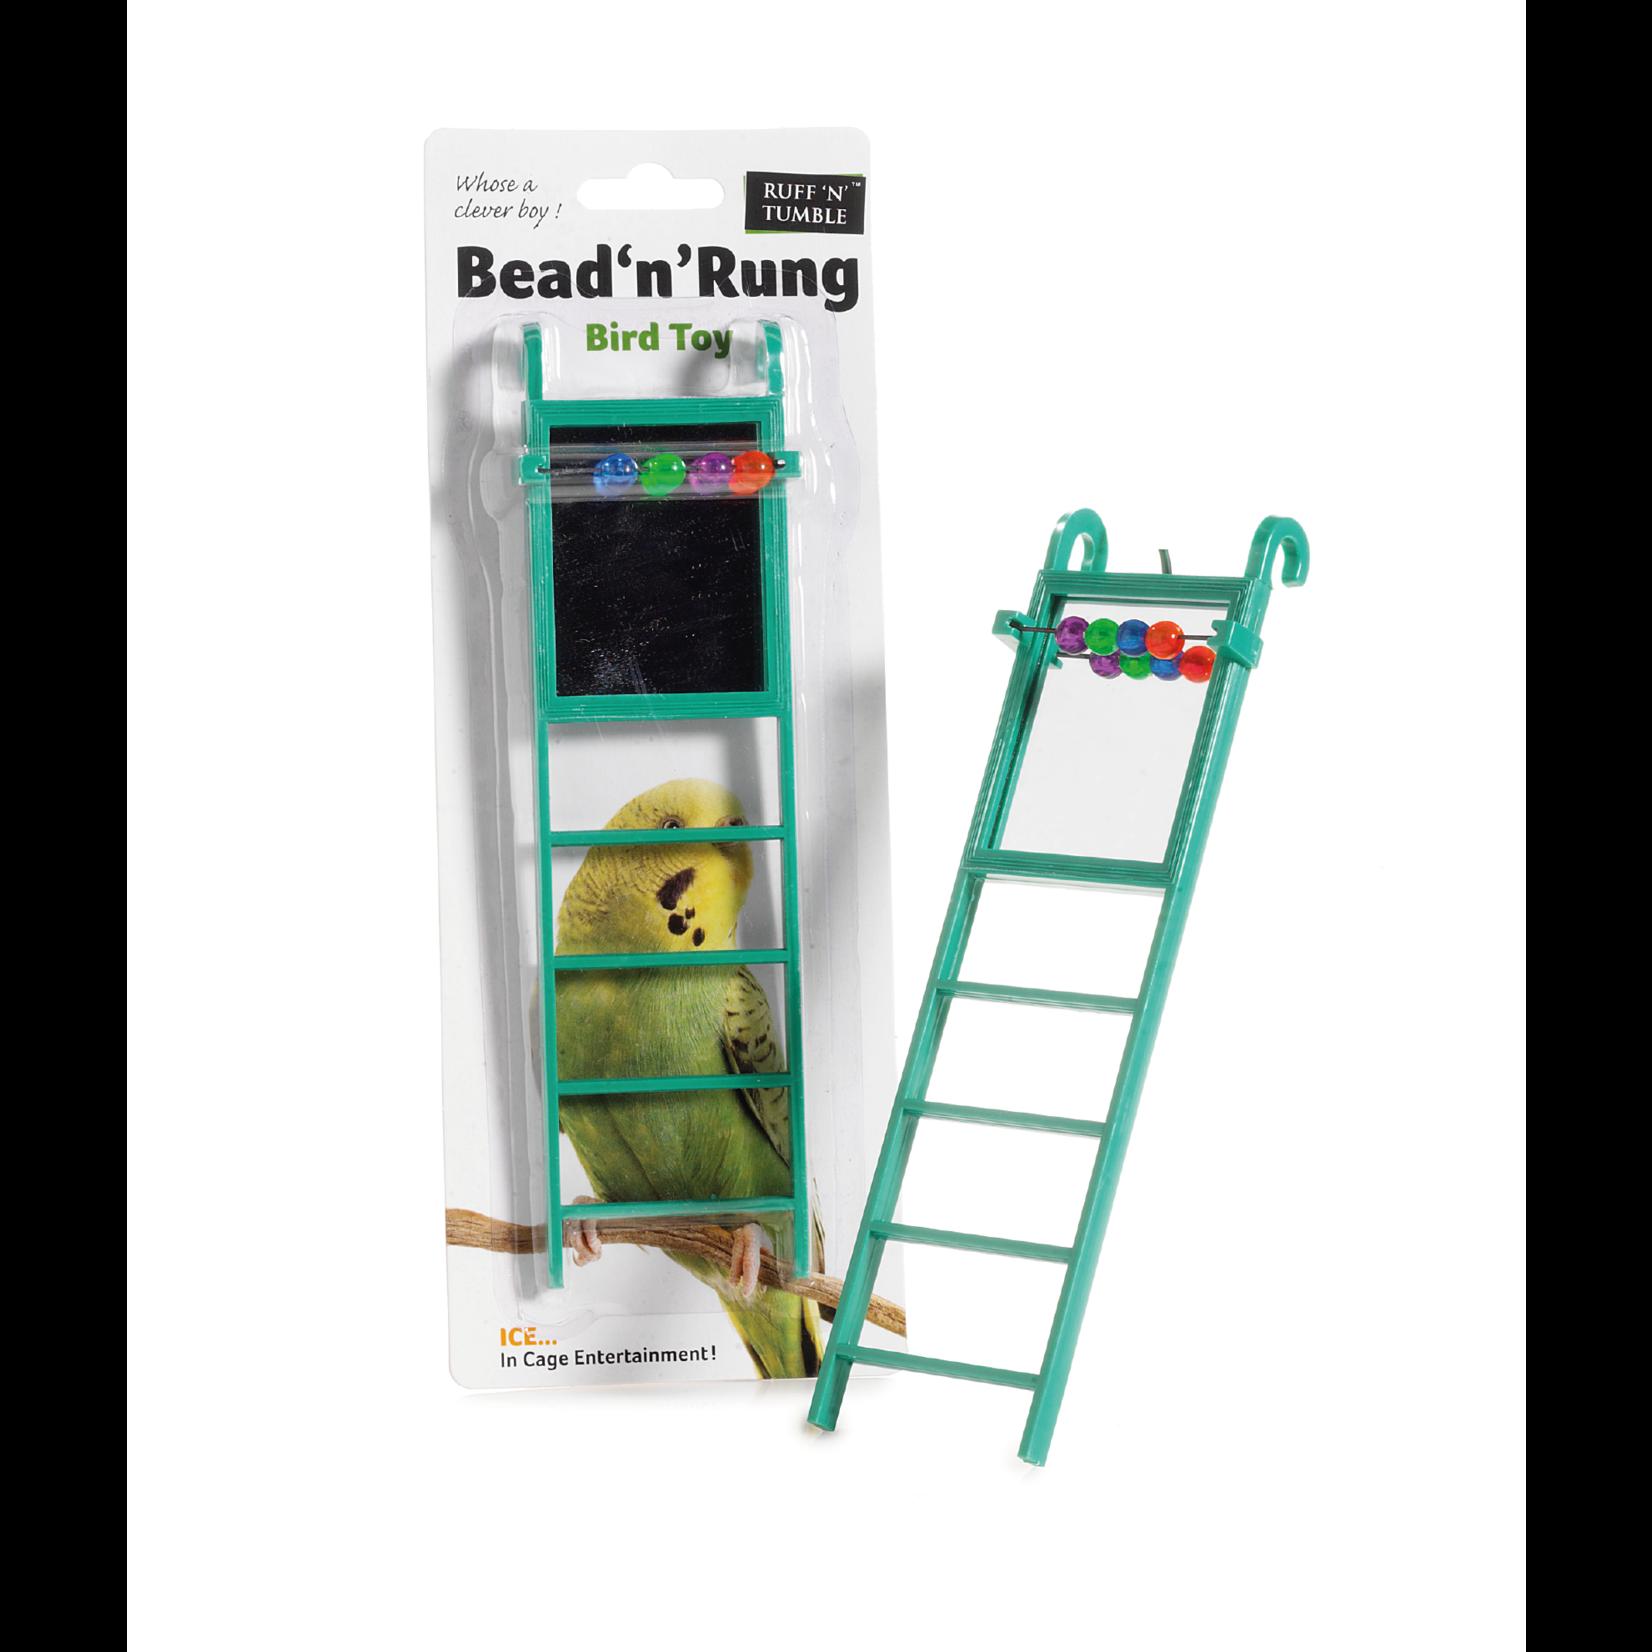 sharples Bead 'n' Rung Ladder Cage Bird Toy